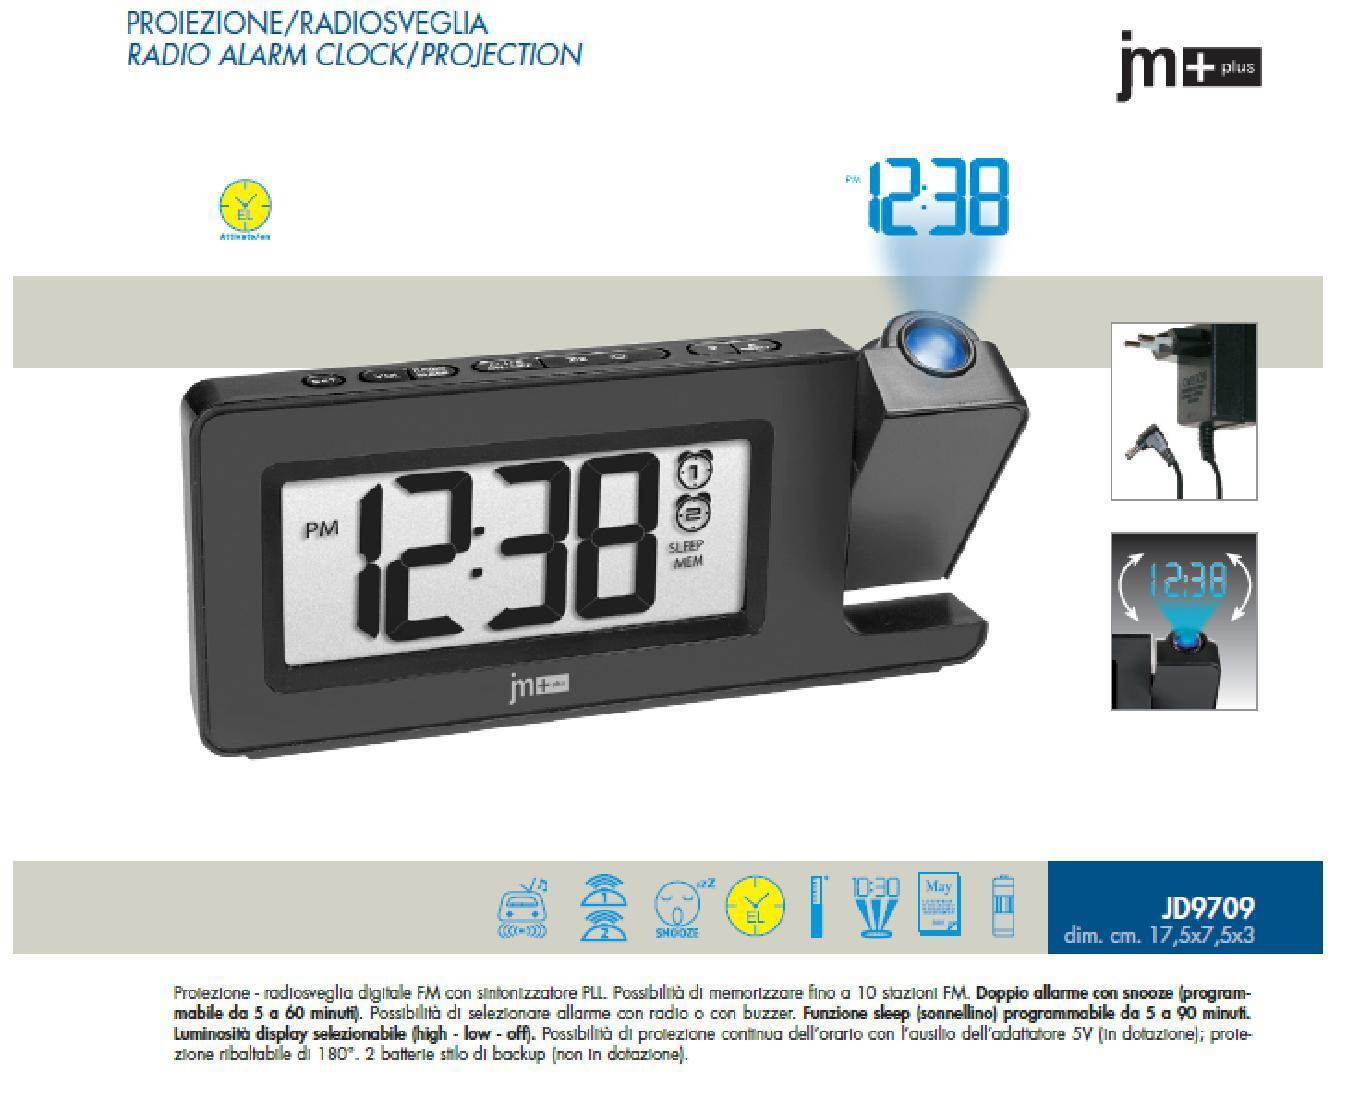 LOWELL J9709 ALARMA DE RADIO PANTALLA LED FM y VIDEOPROYECCIÓN AZUL 10 MEMORIE